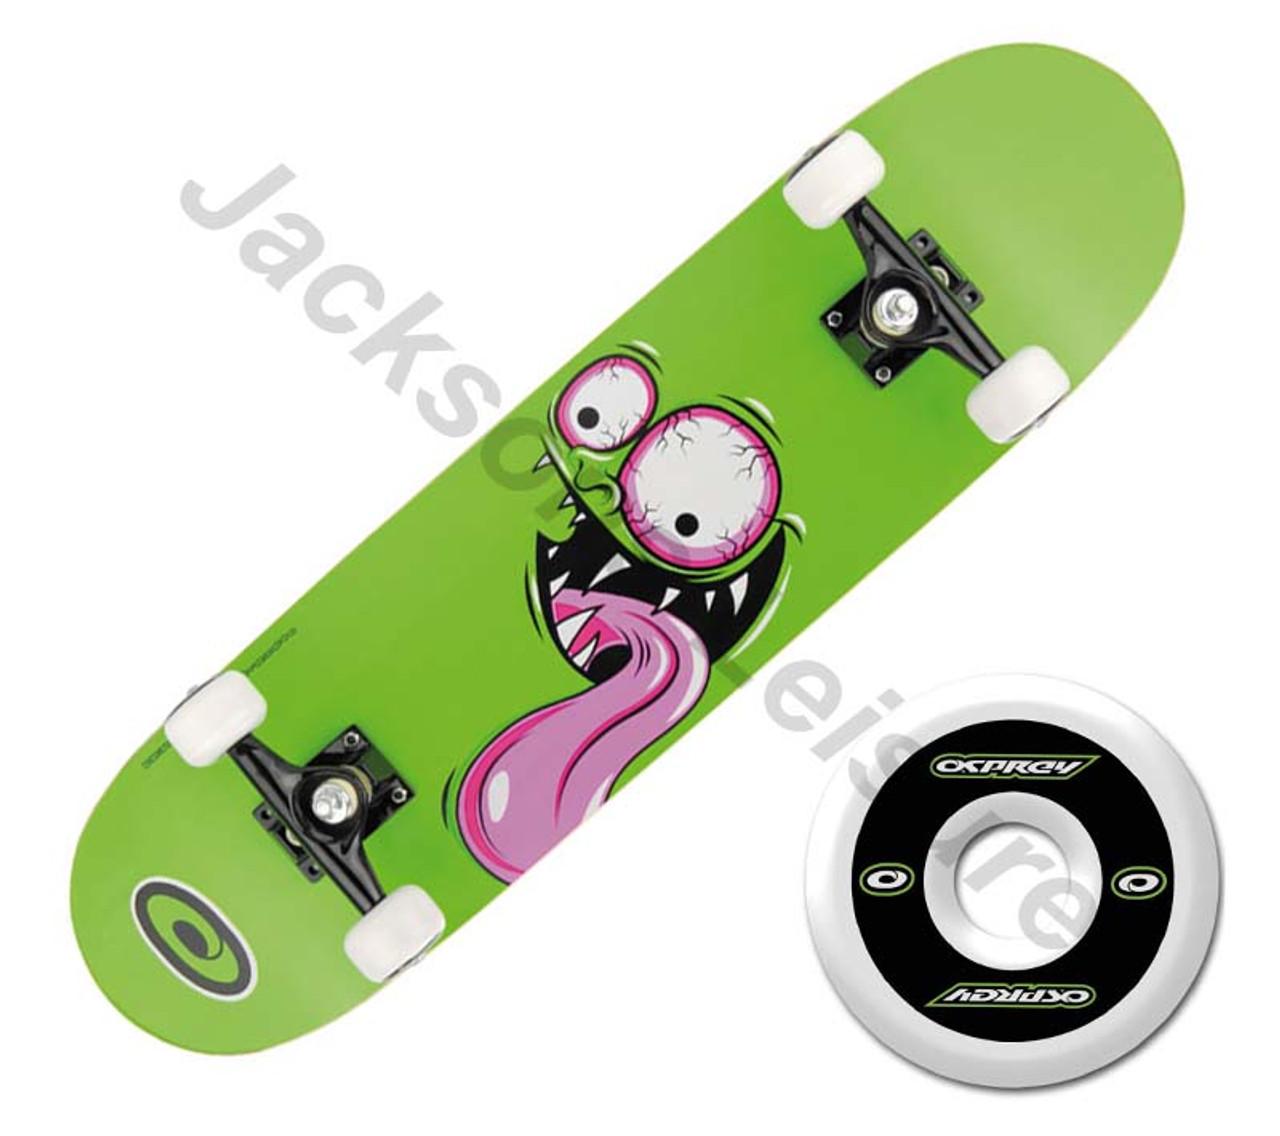 Osprey Gluttony OSX Double Kick Concave Skateboard